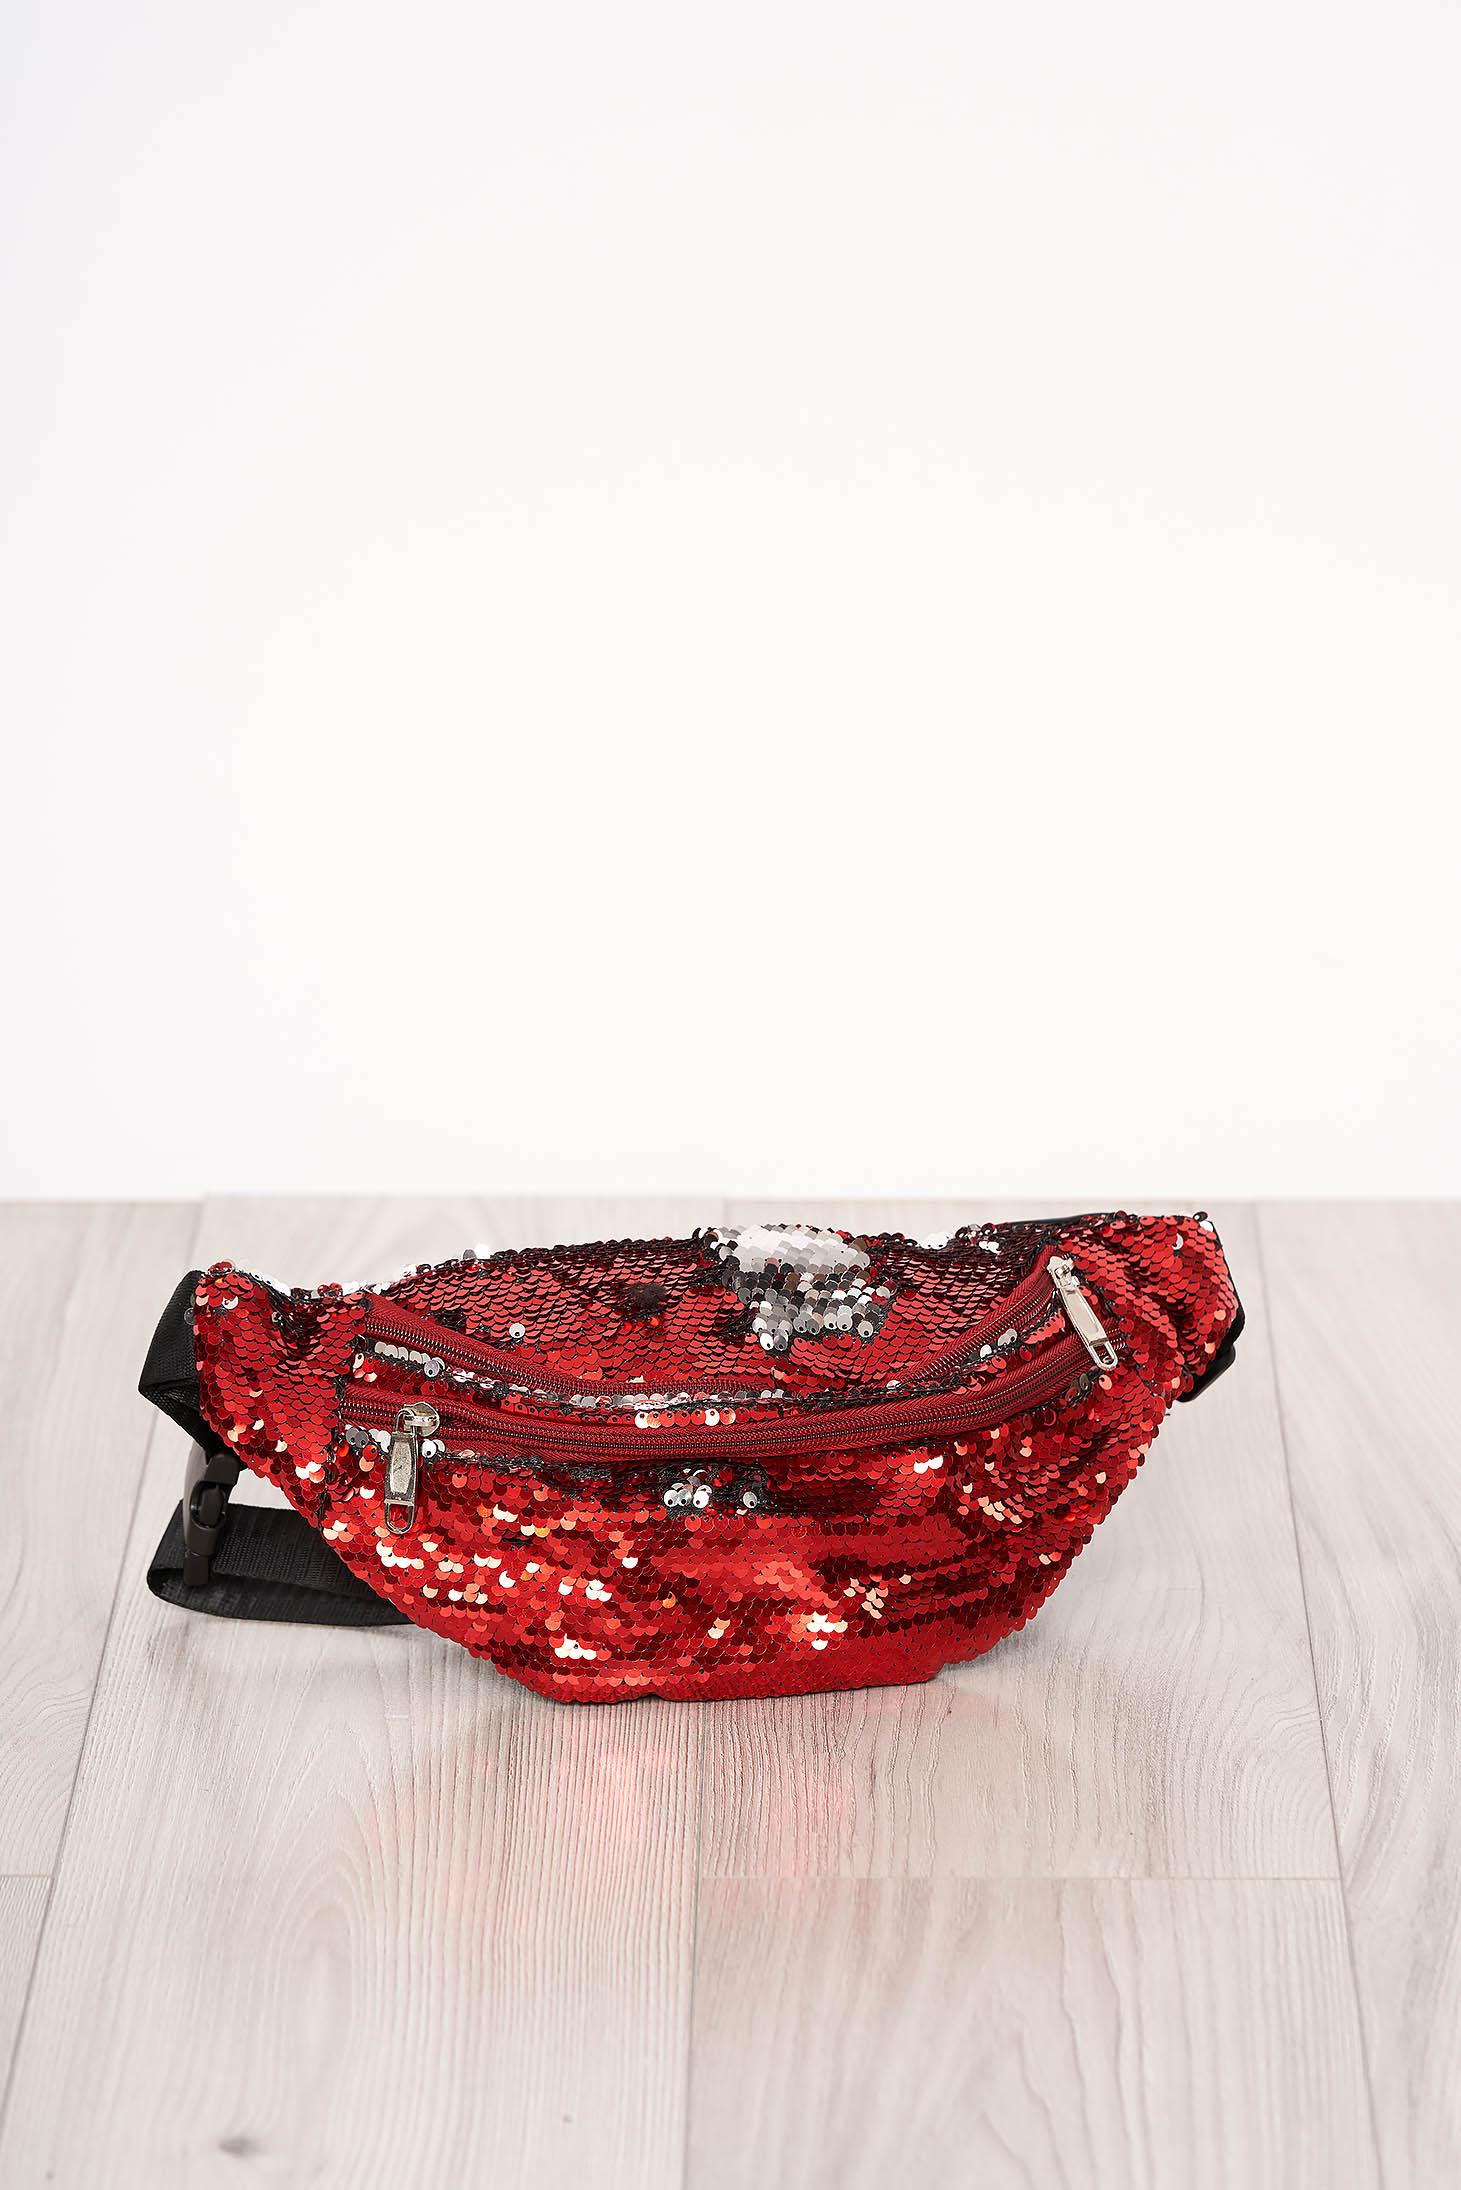 Geanta dama SunShine rosie cu aplicatii cu paiete accesorizata cu fermoar cu maner lung reglabil